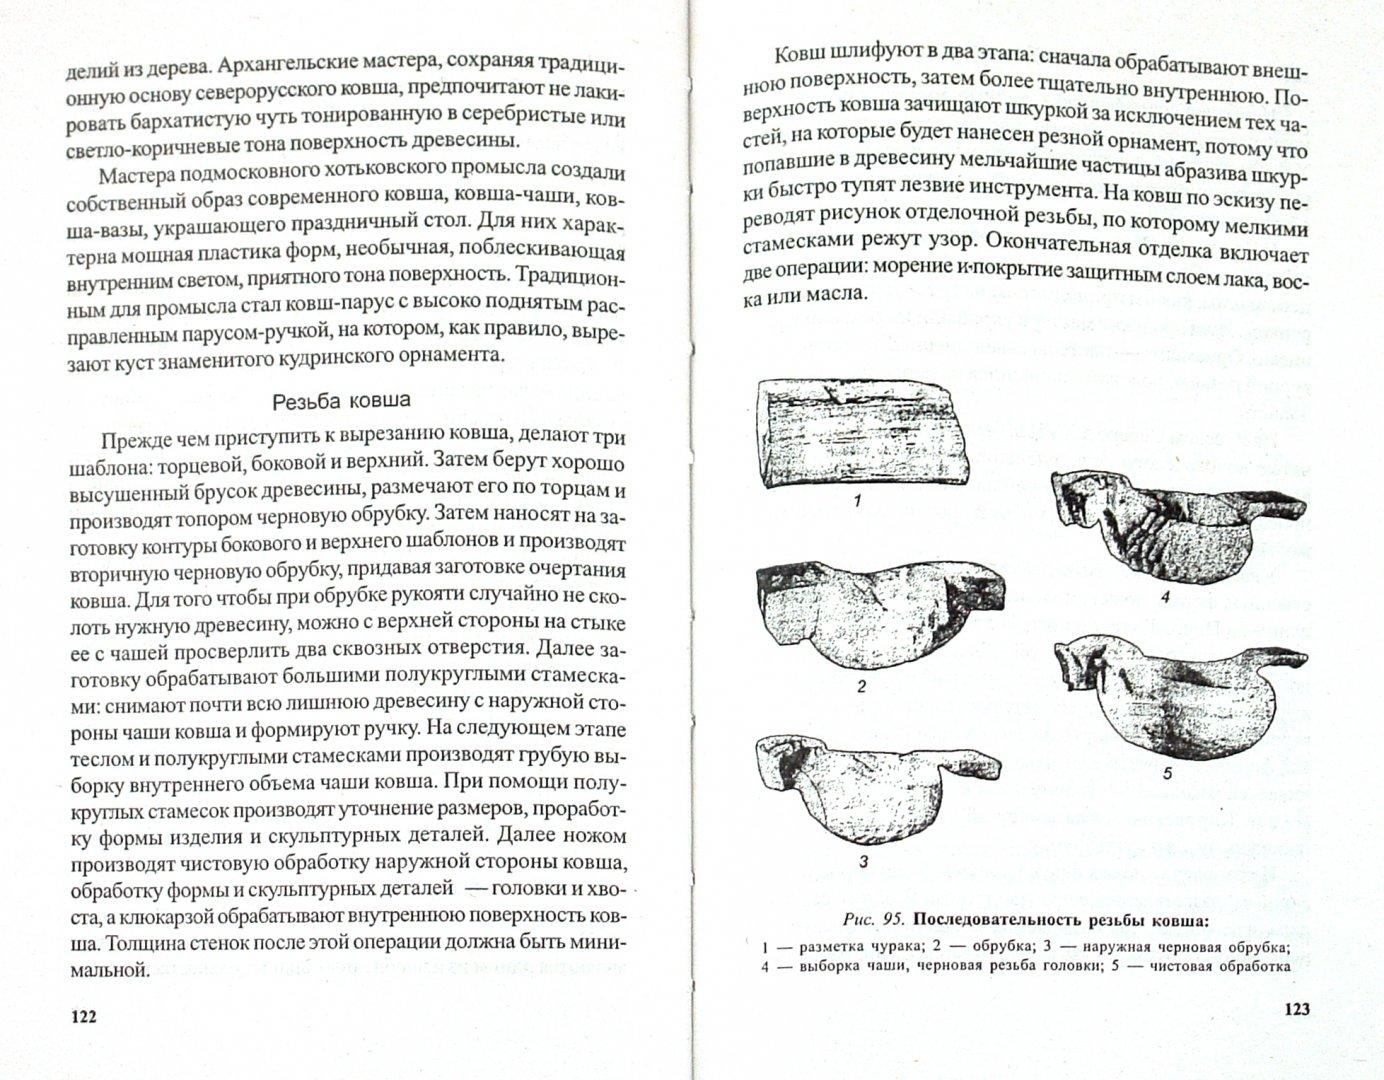 Иллюстрация 1 из 3 для Декоративная резьба. Материалы. Инструменты. Технология. Изделия | Лабиринт - книги. Источник: Лабиринт